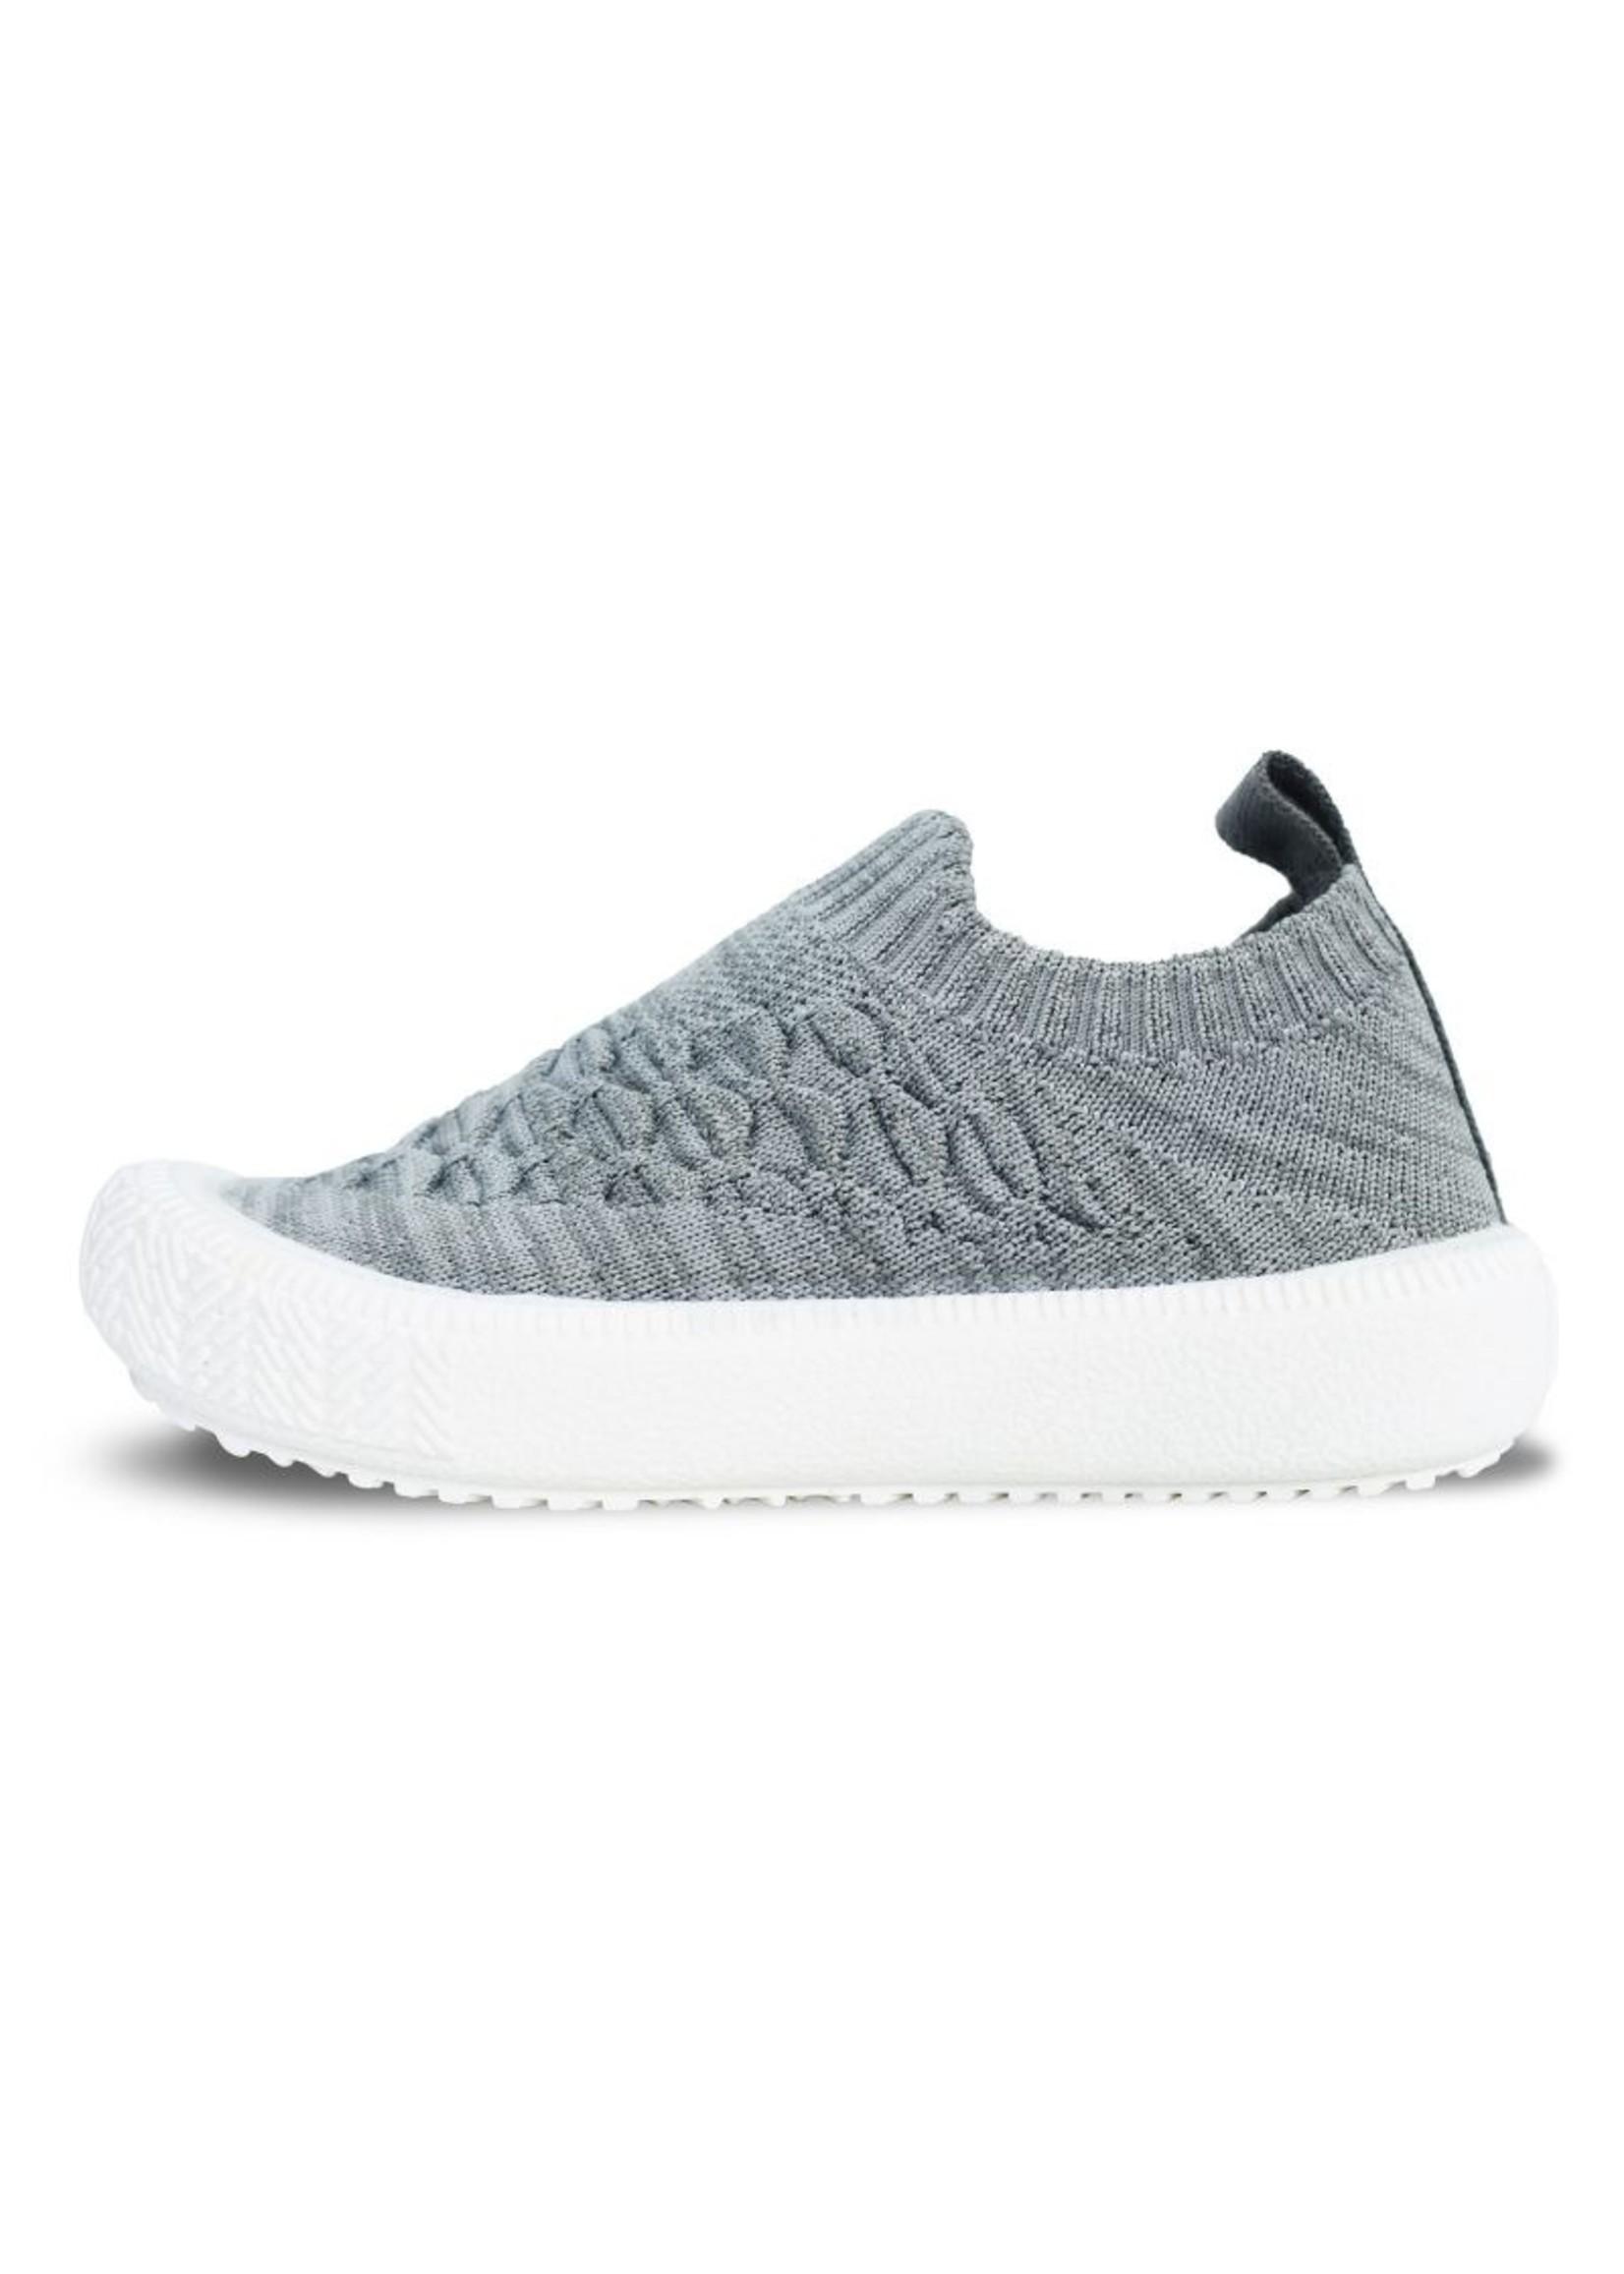 Jan & Jul Chaussure en tricot Xplorer -Grey